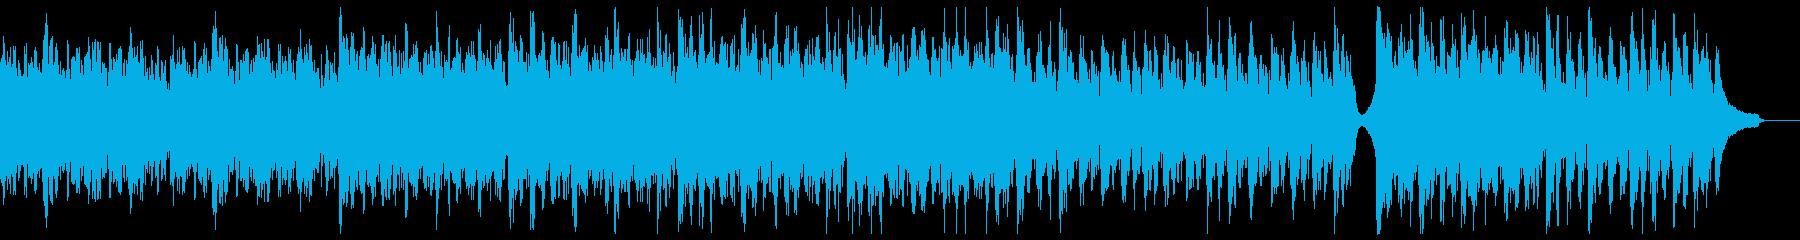 明るく穏やかな箏&ピアノ:メロディ抜き2の再生済みの波形